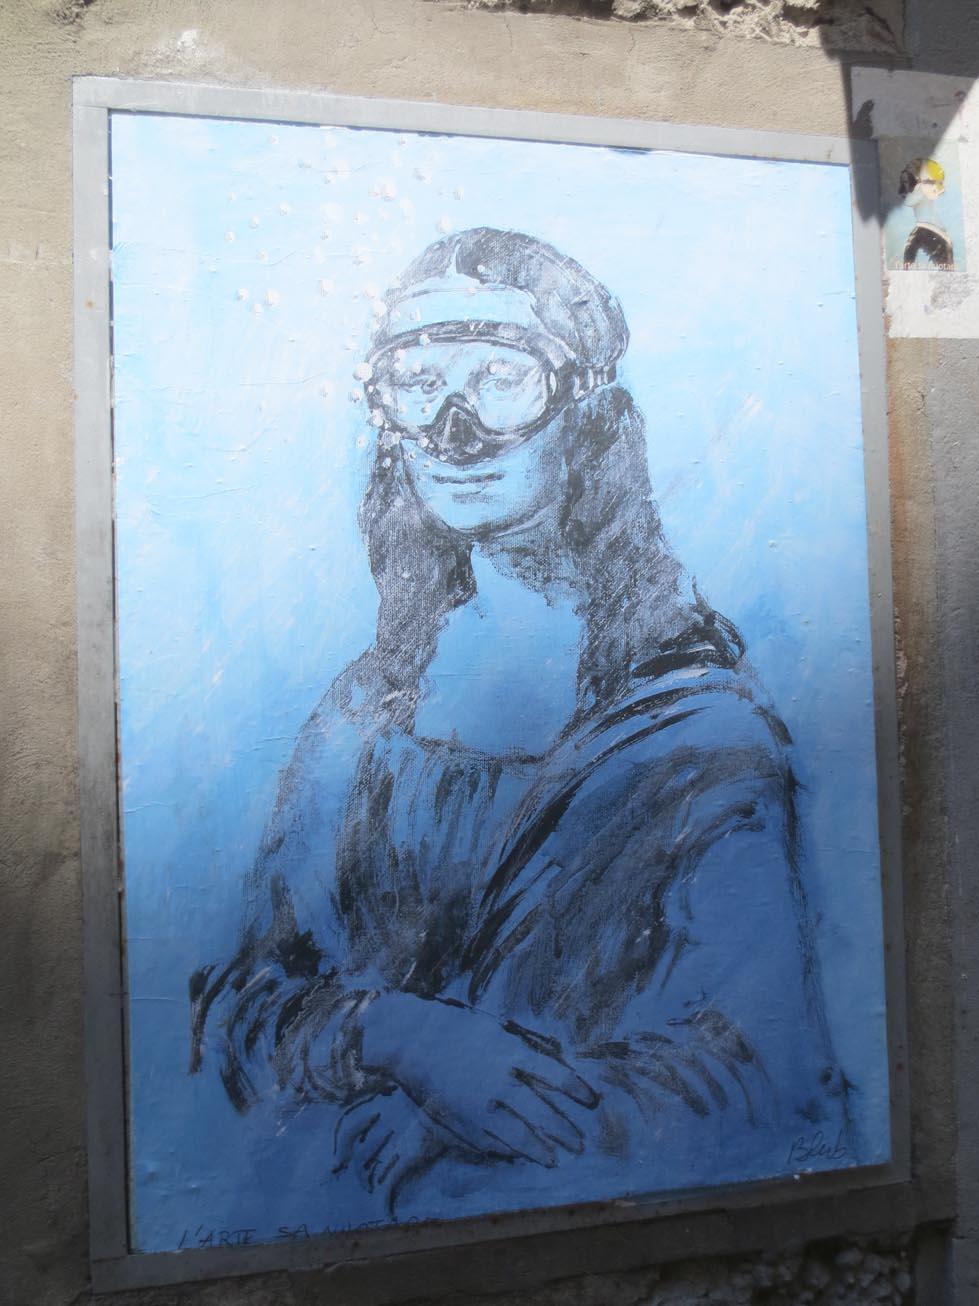 BLUB☆フィレンツェのストリートアート達はここにあった!!_c0179785_09987.jpg